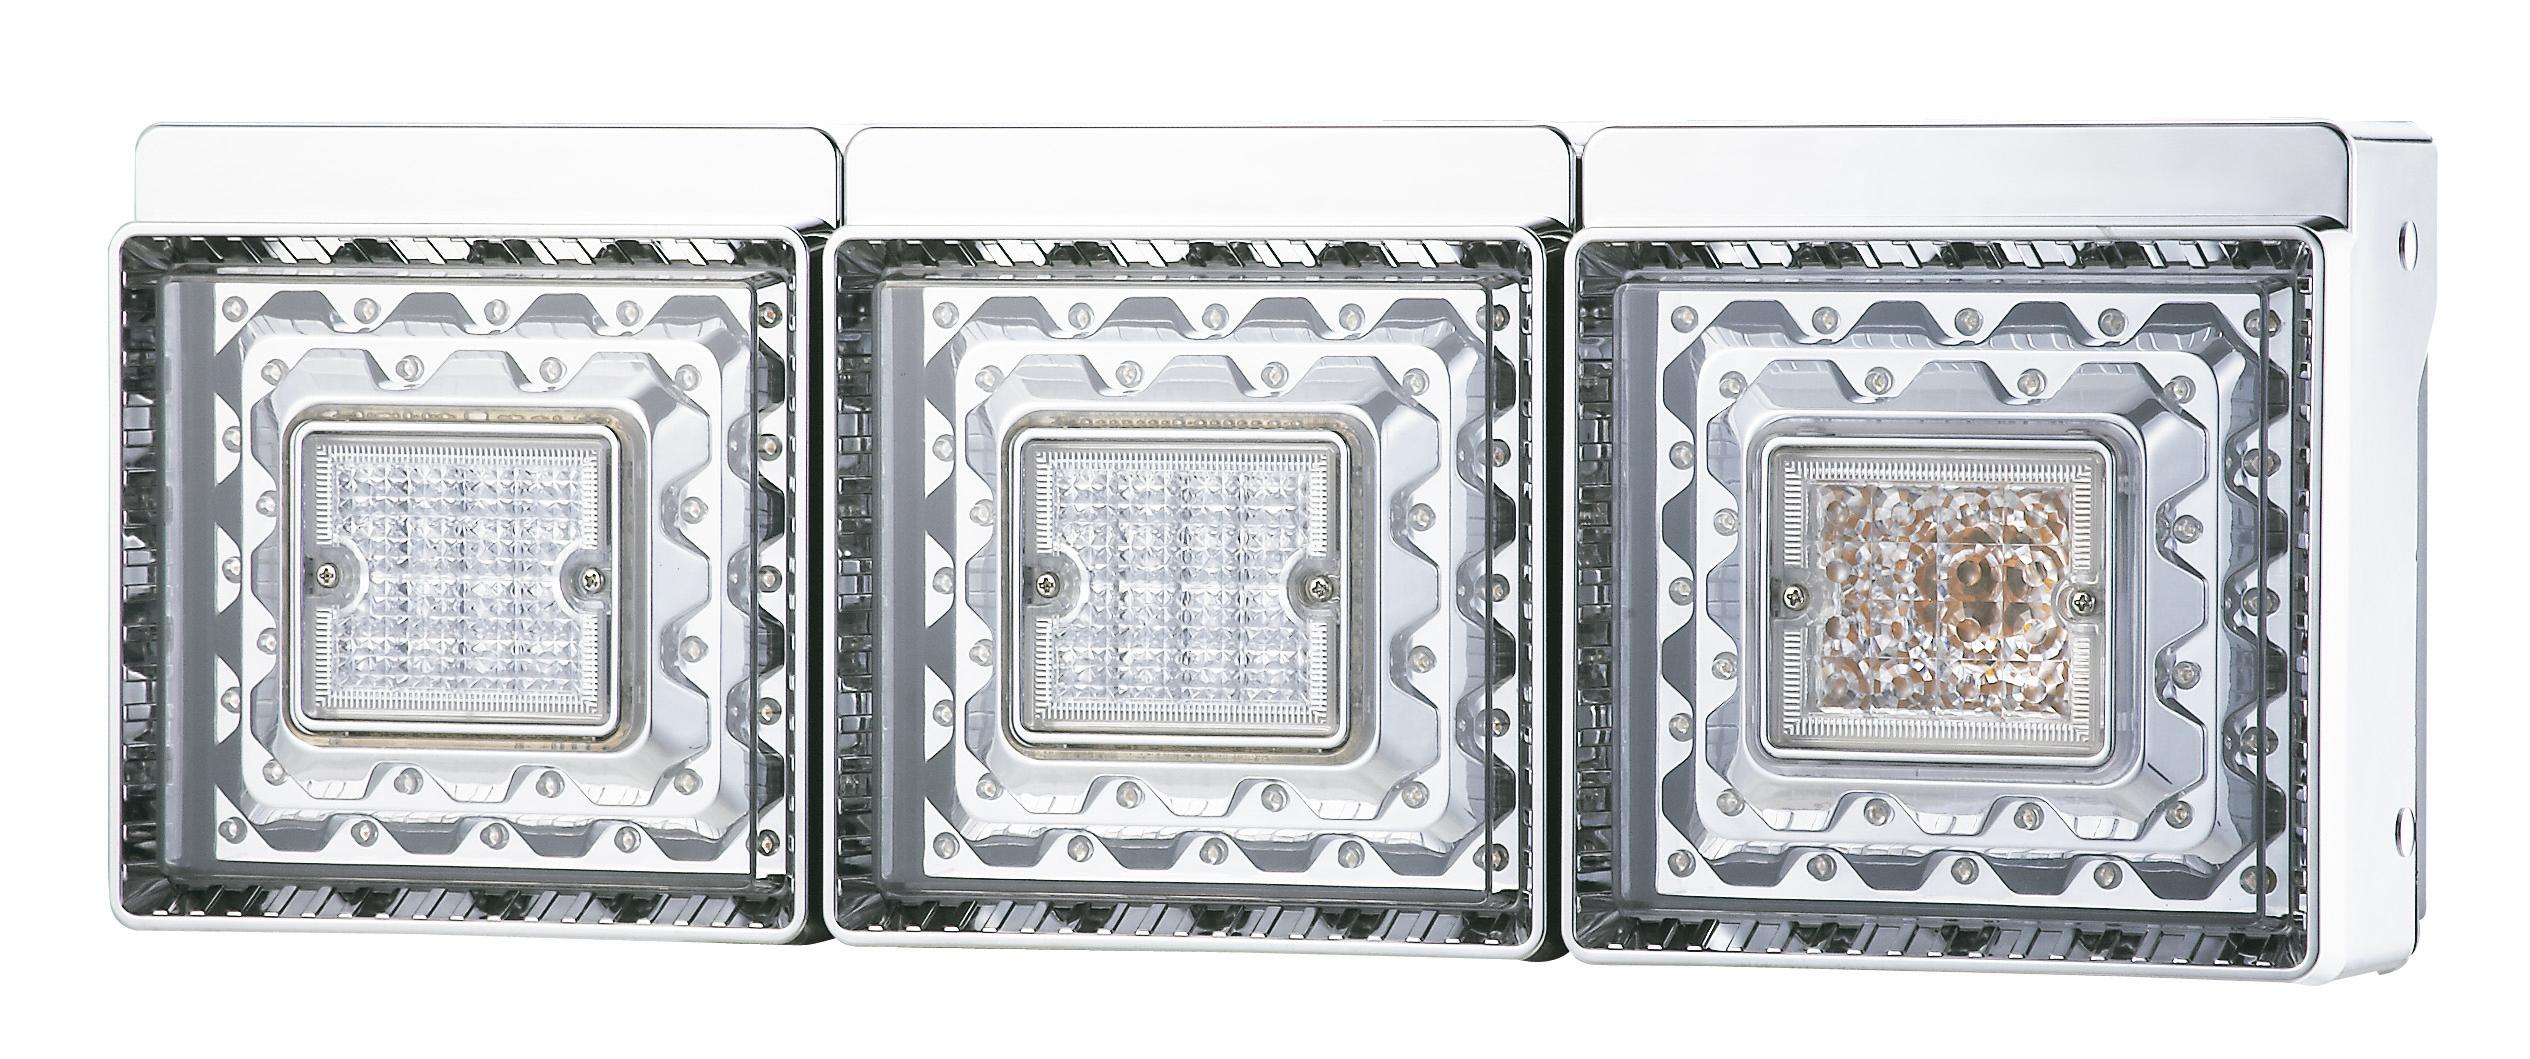 JB 角型 LEDテールランプ【3連 バックランプ付】